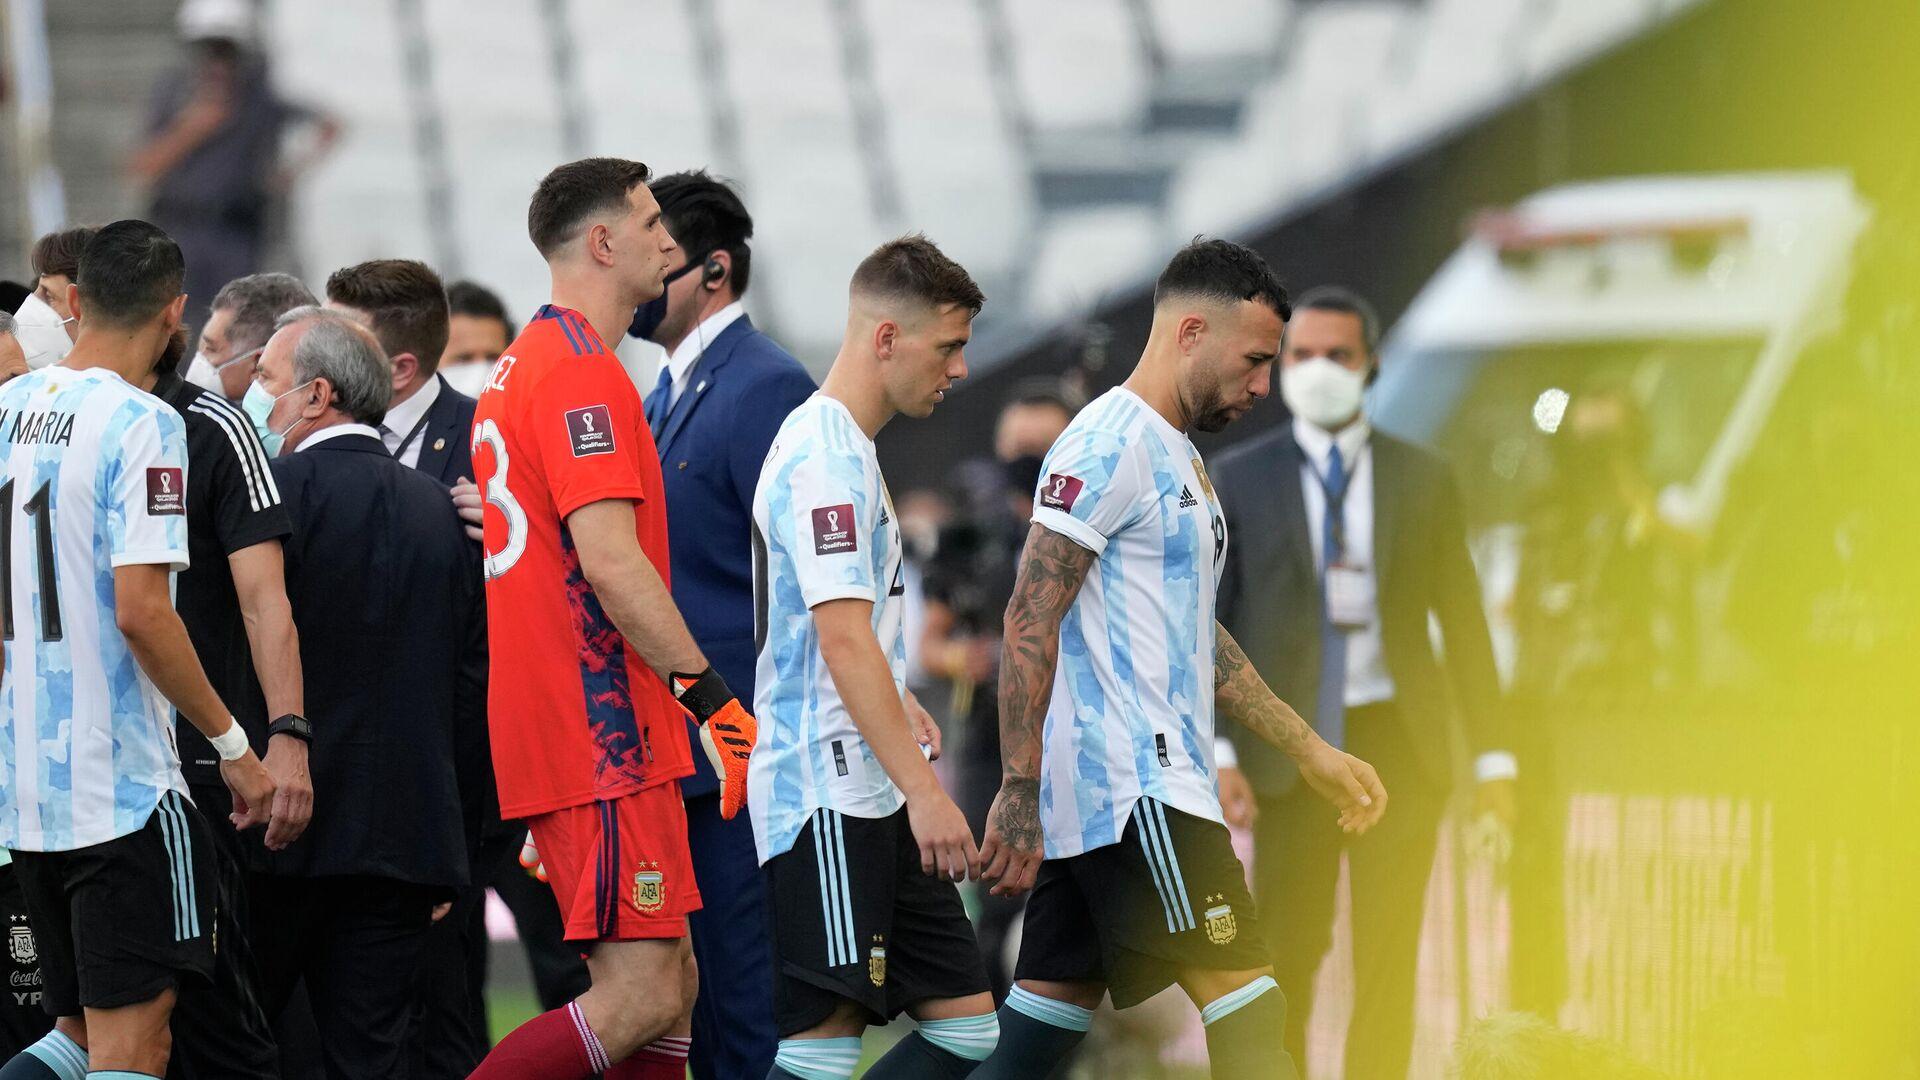 Детаљ са утакмице Аргентина и Бразила - Sputnik Србија, 1920, 05.09.2021